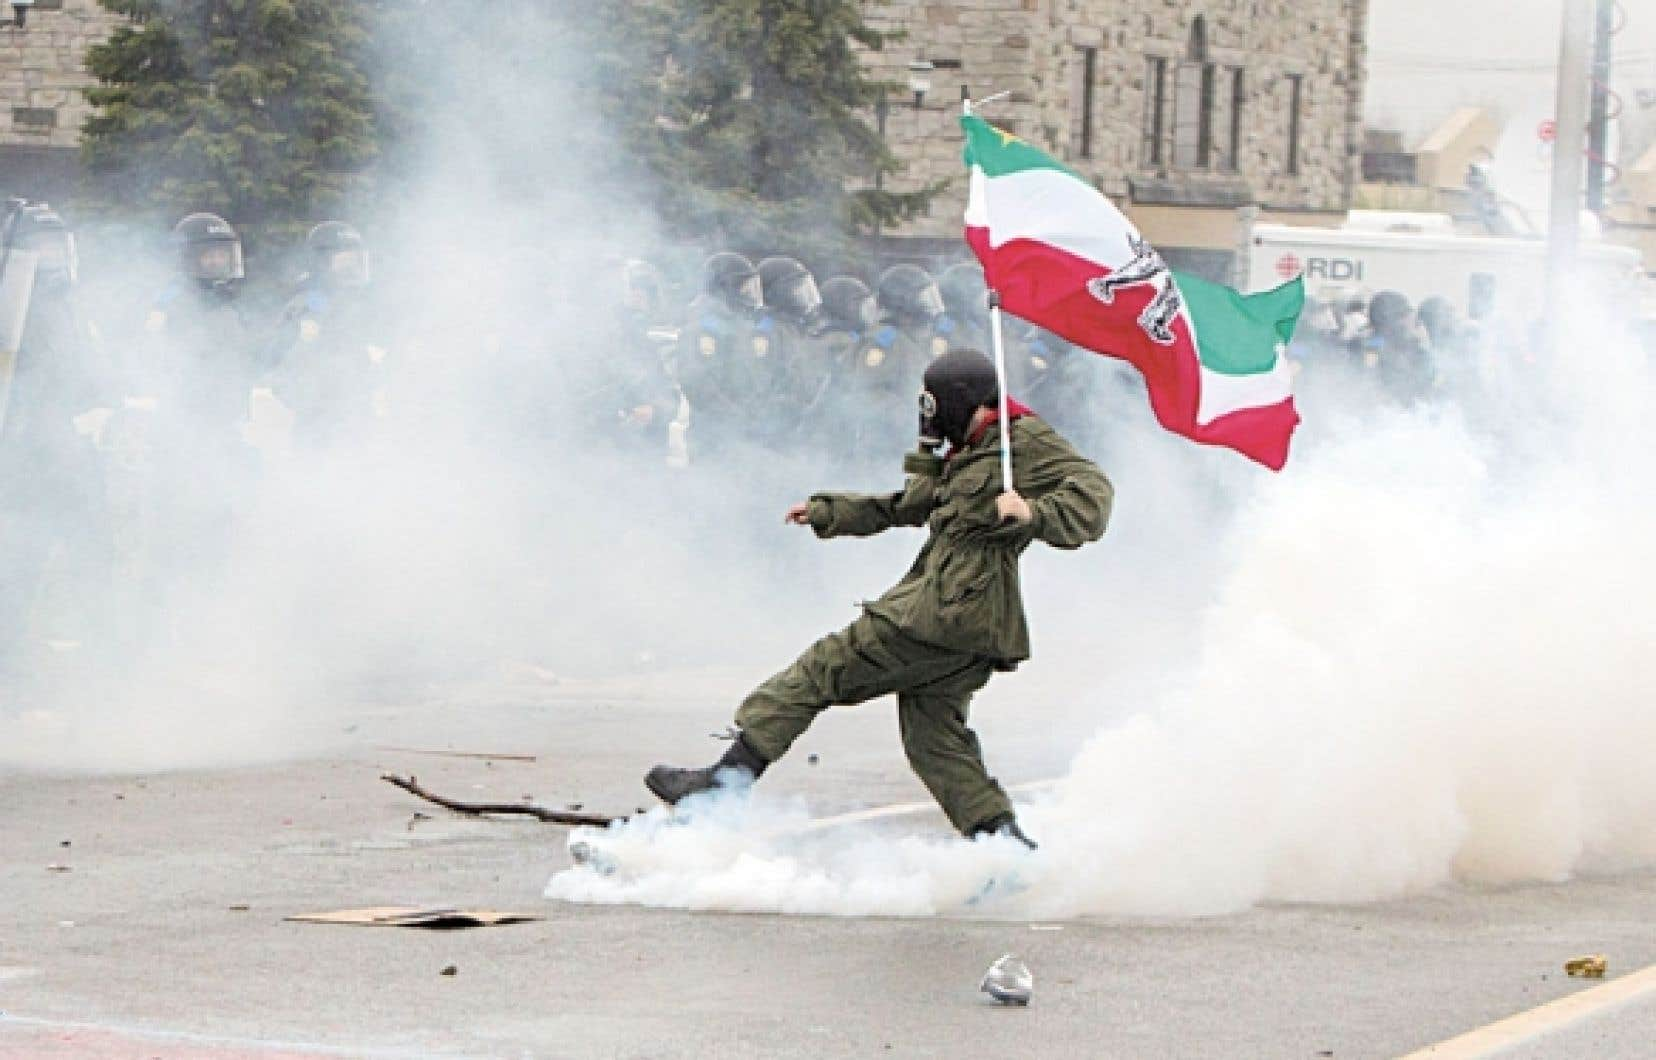 La crise a pris des proportions qui n'ont plus rien à voir avec les revendications de départ des étudiants. Ici, un manifestant muni d'un drapeau des Patriotes défiant des policiers, à Victoriaville.